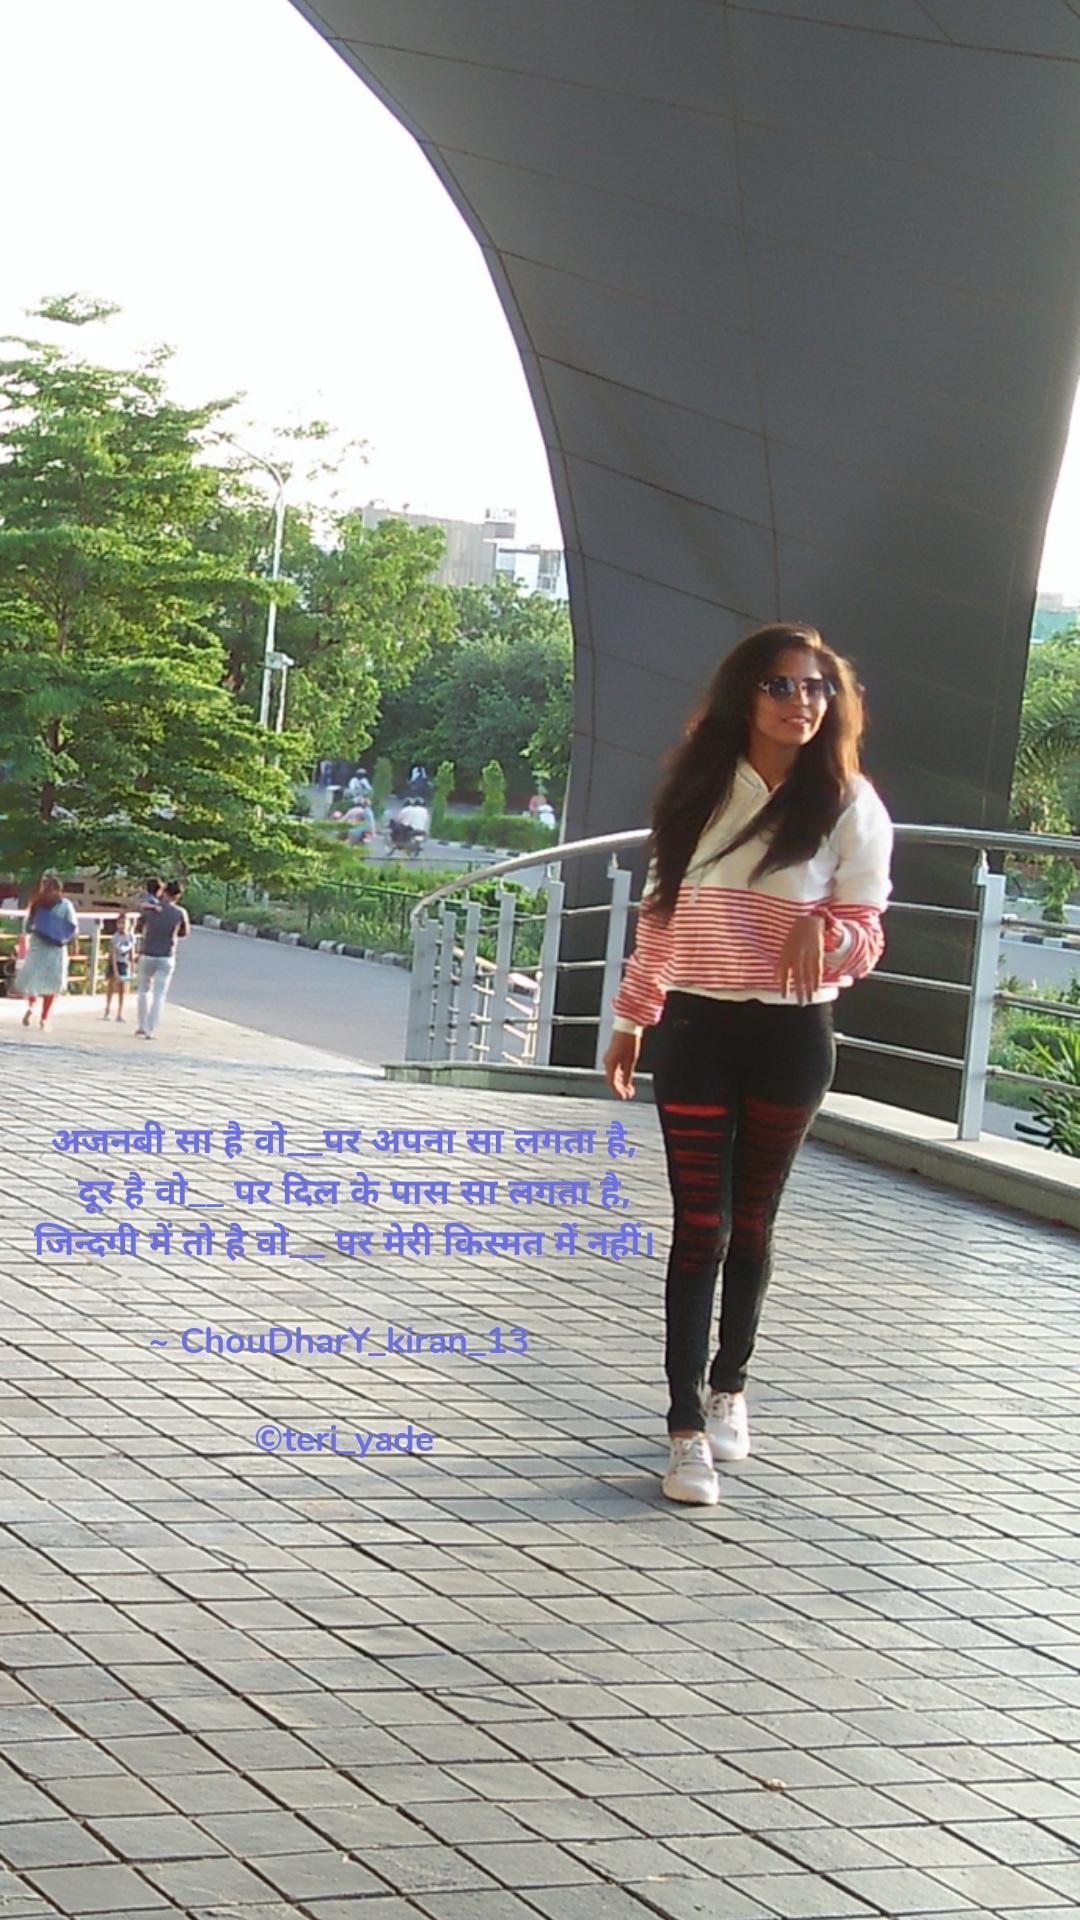 अजनबी सा है वो__पर अपना सा लगता है,   दूर है वो__ पर दिल के पास सा लगता है, जिन्दगी में तो है वो__ पर मेरी किस्मत में नहीं।  ~ ChouDharY_kiran_13   ©teri_yade